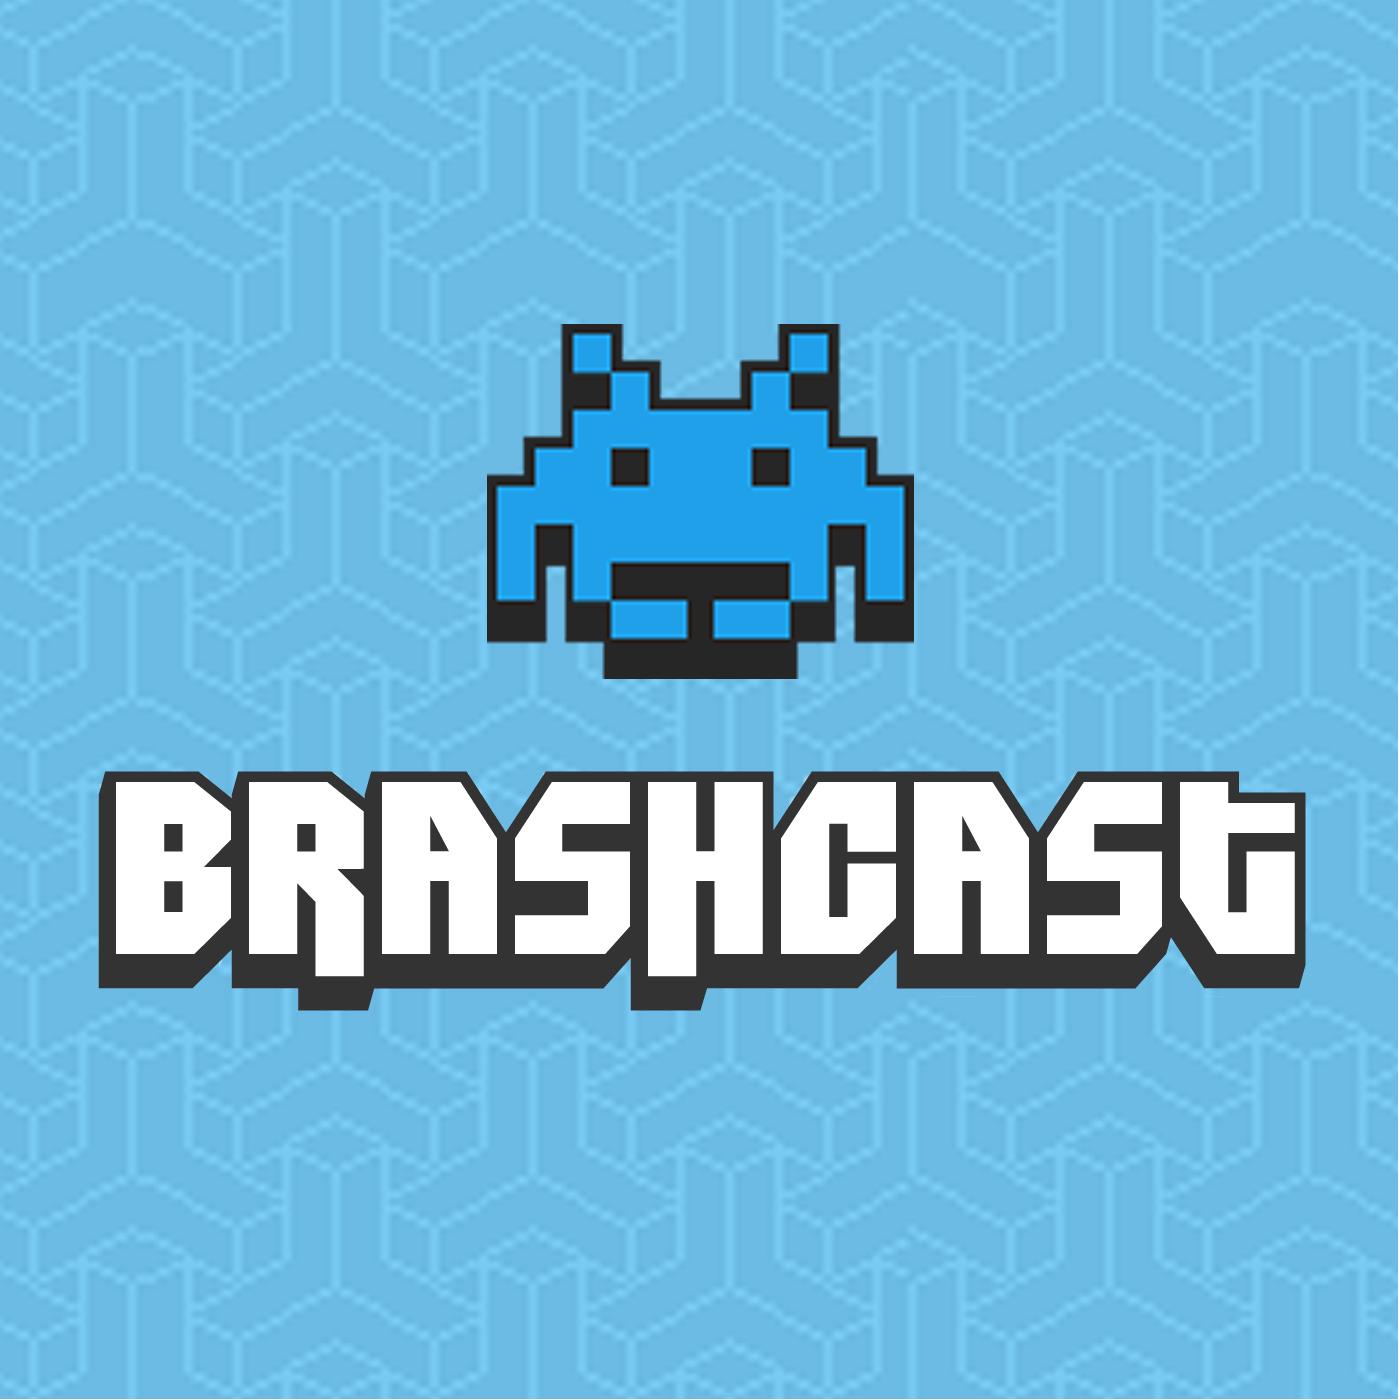 Brashcast 1400x1400